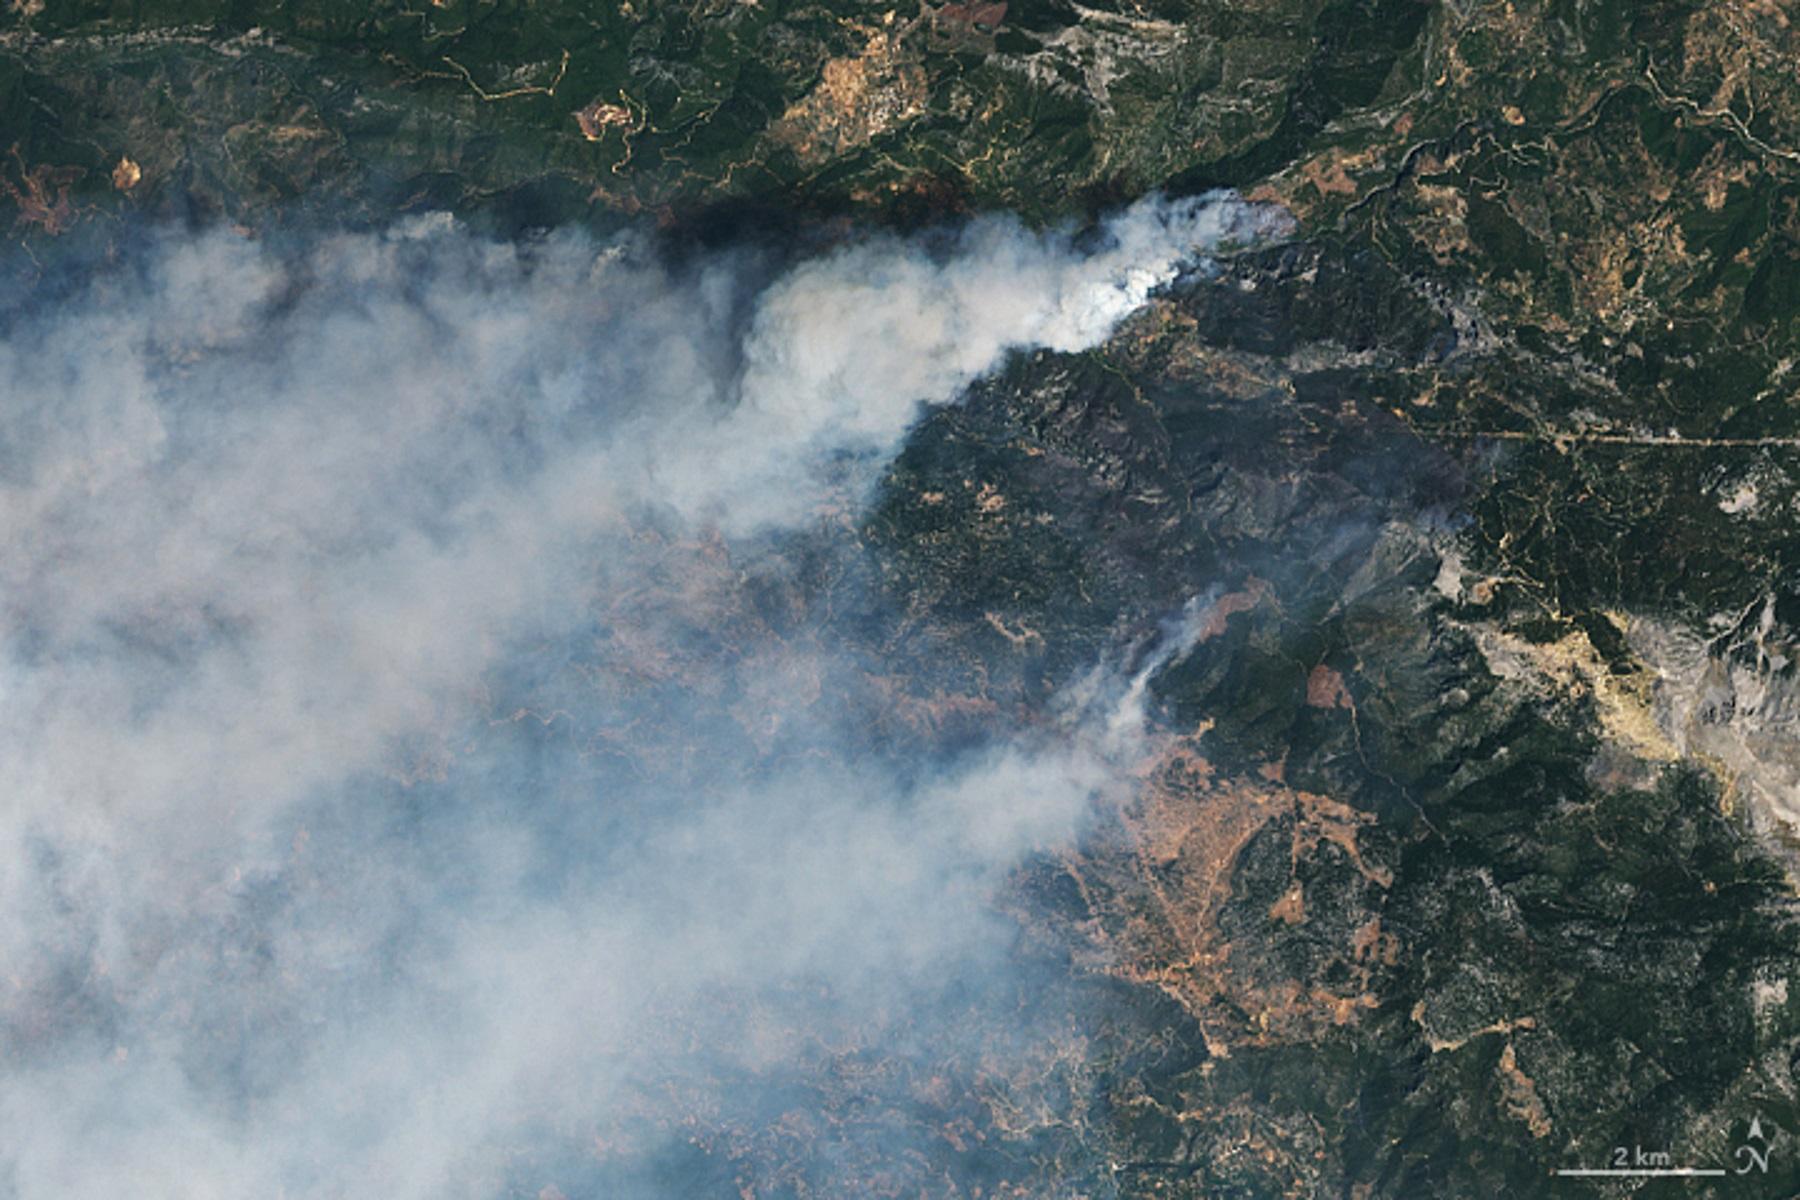 Φωτιές στην Τουρκία: Εκατοντάδες άνθρωποι απομακρύνθηκαν από τα σπίτια τους – Εικόνες από τη NASA